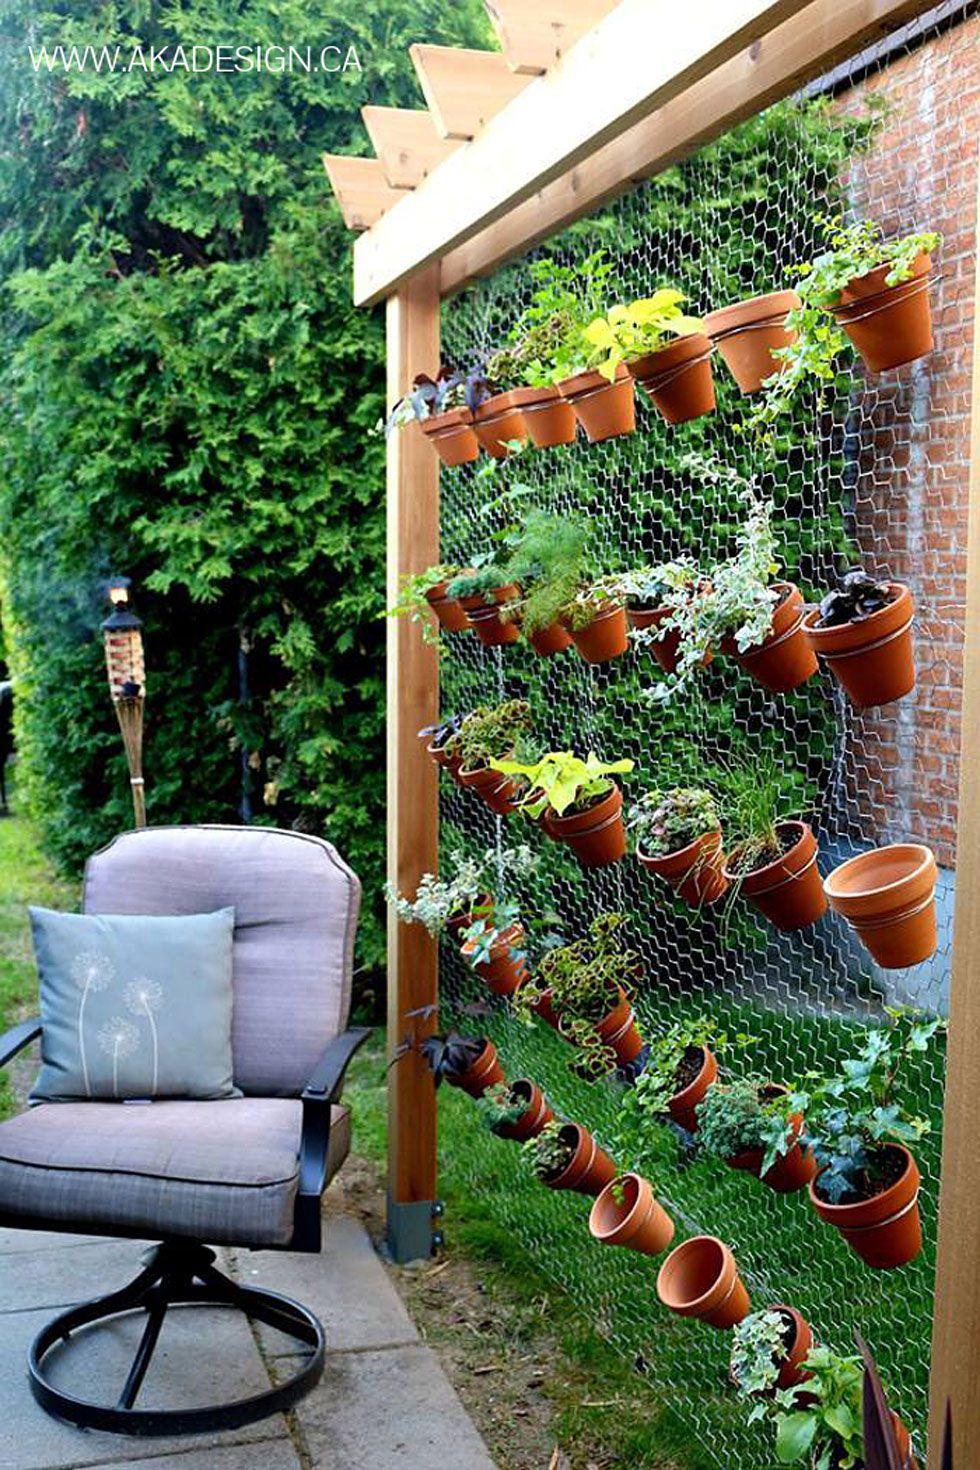 High Diy Vertical Garden Ideas Diy Vertical Garden Ideas That Will Refresh Your Garden Diy Backyard Ideas Diy Backyard Brick Barbecue Ideas outdoor Cool Diy Backyard Ideas